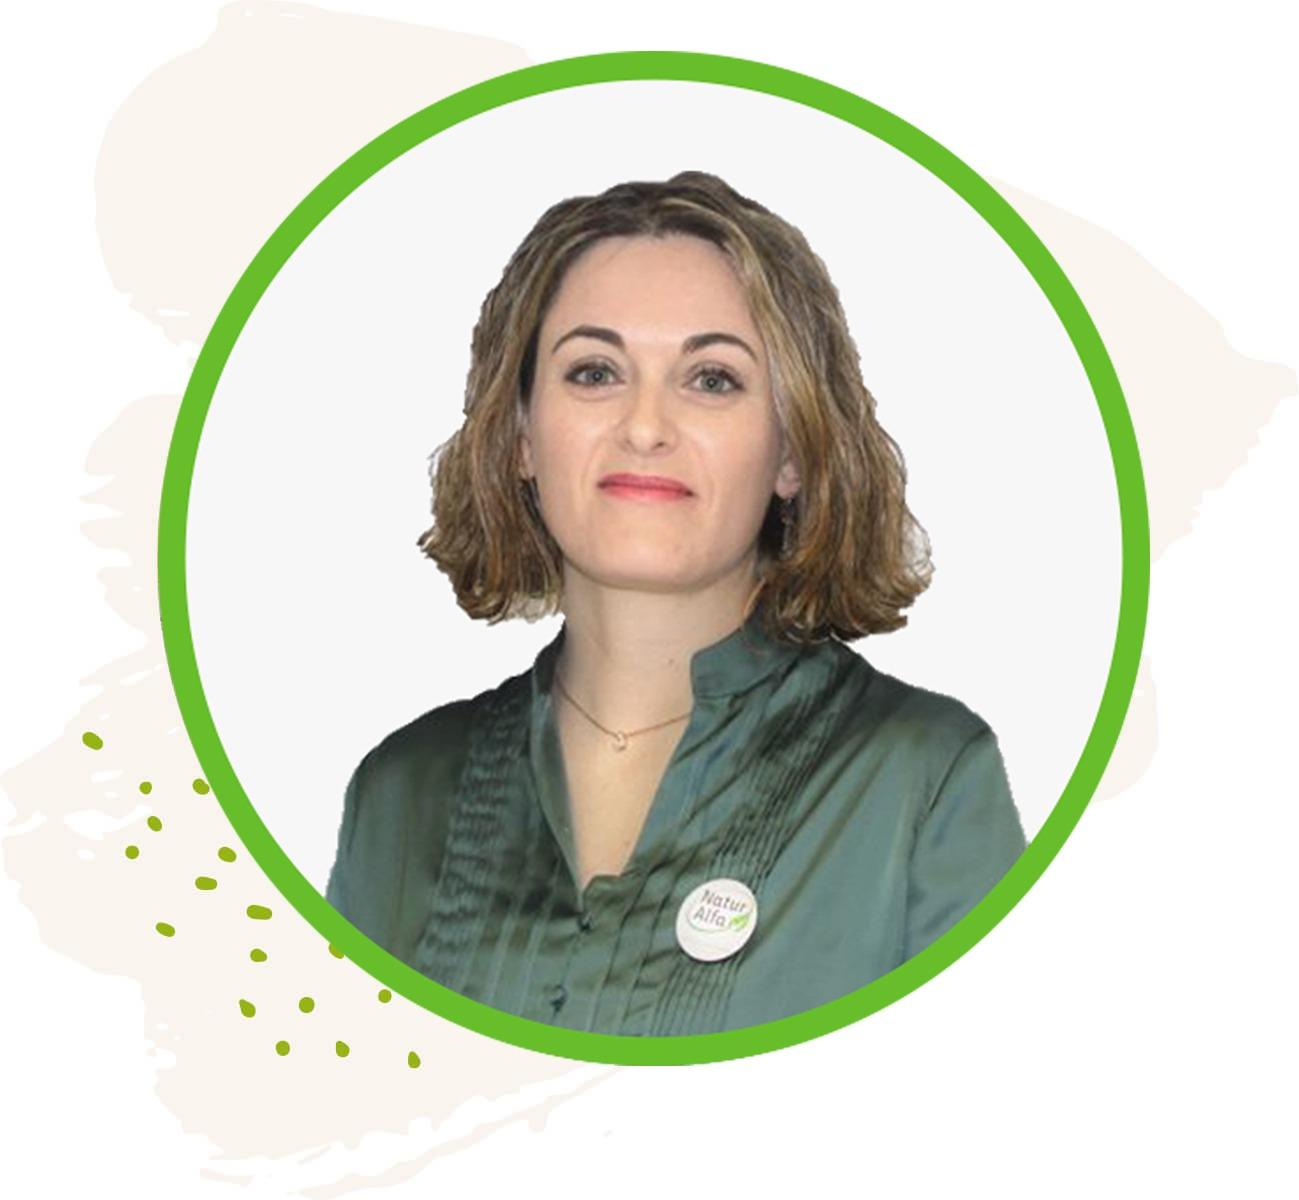 Liliana Perestrelo